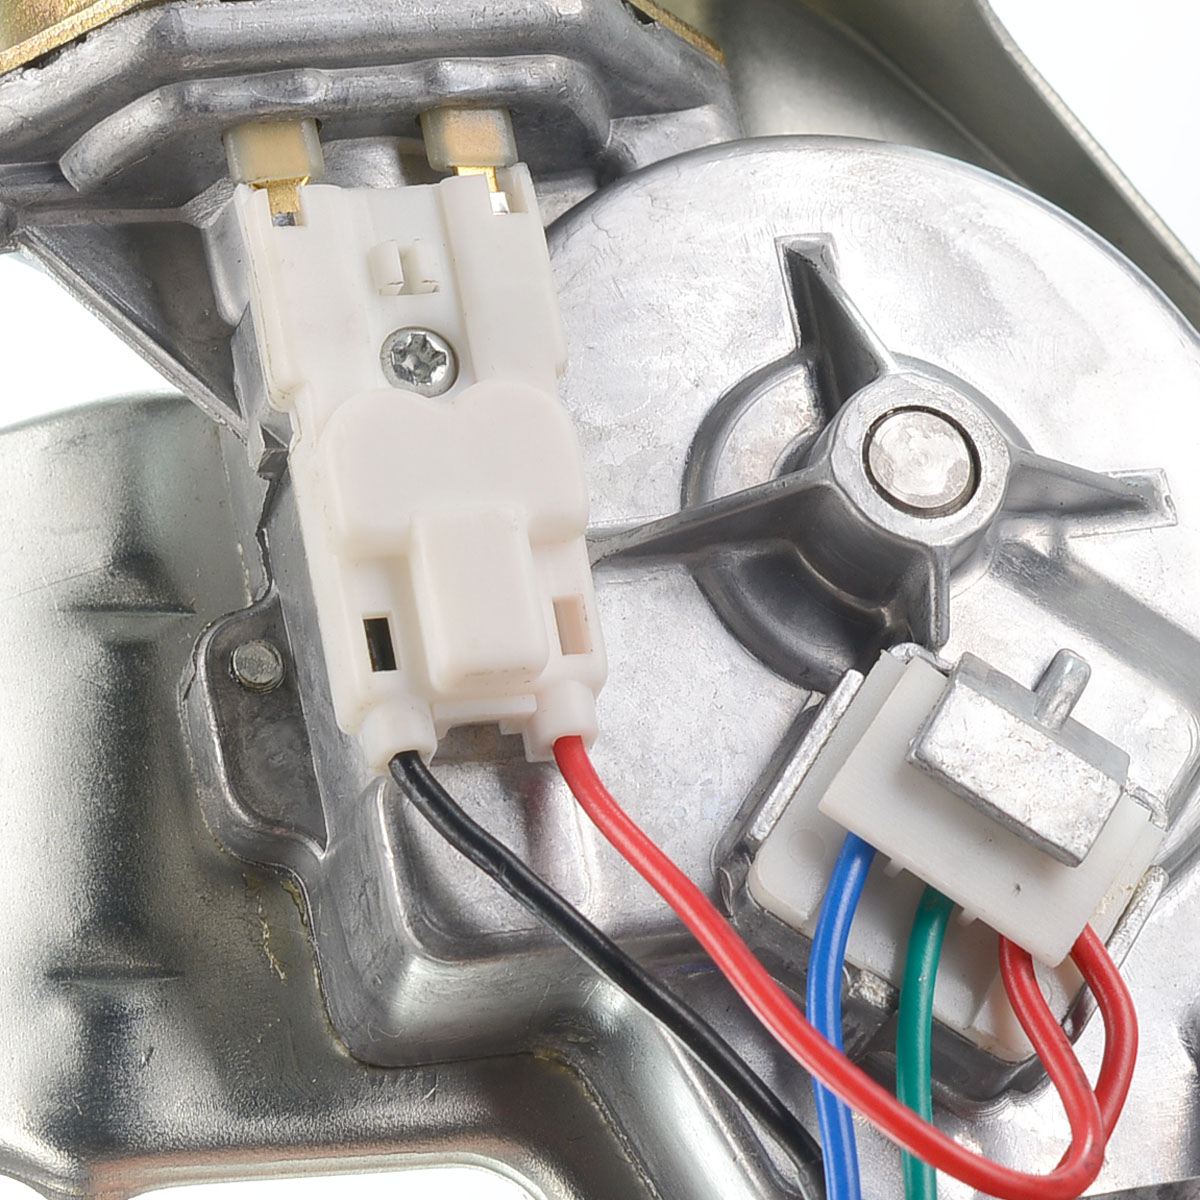 medium resolution of rear windshield wiper motor for honda odyssey 1994 1995 1996 1997 1998 1999 2000 2001 2002 2003 2004 76710s0xa01 434021 in windscreen wipers from